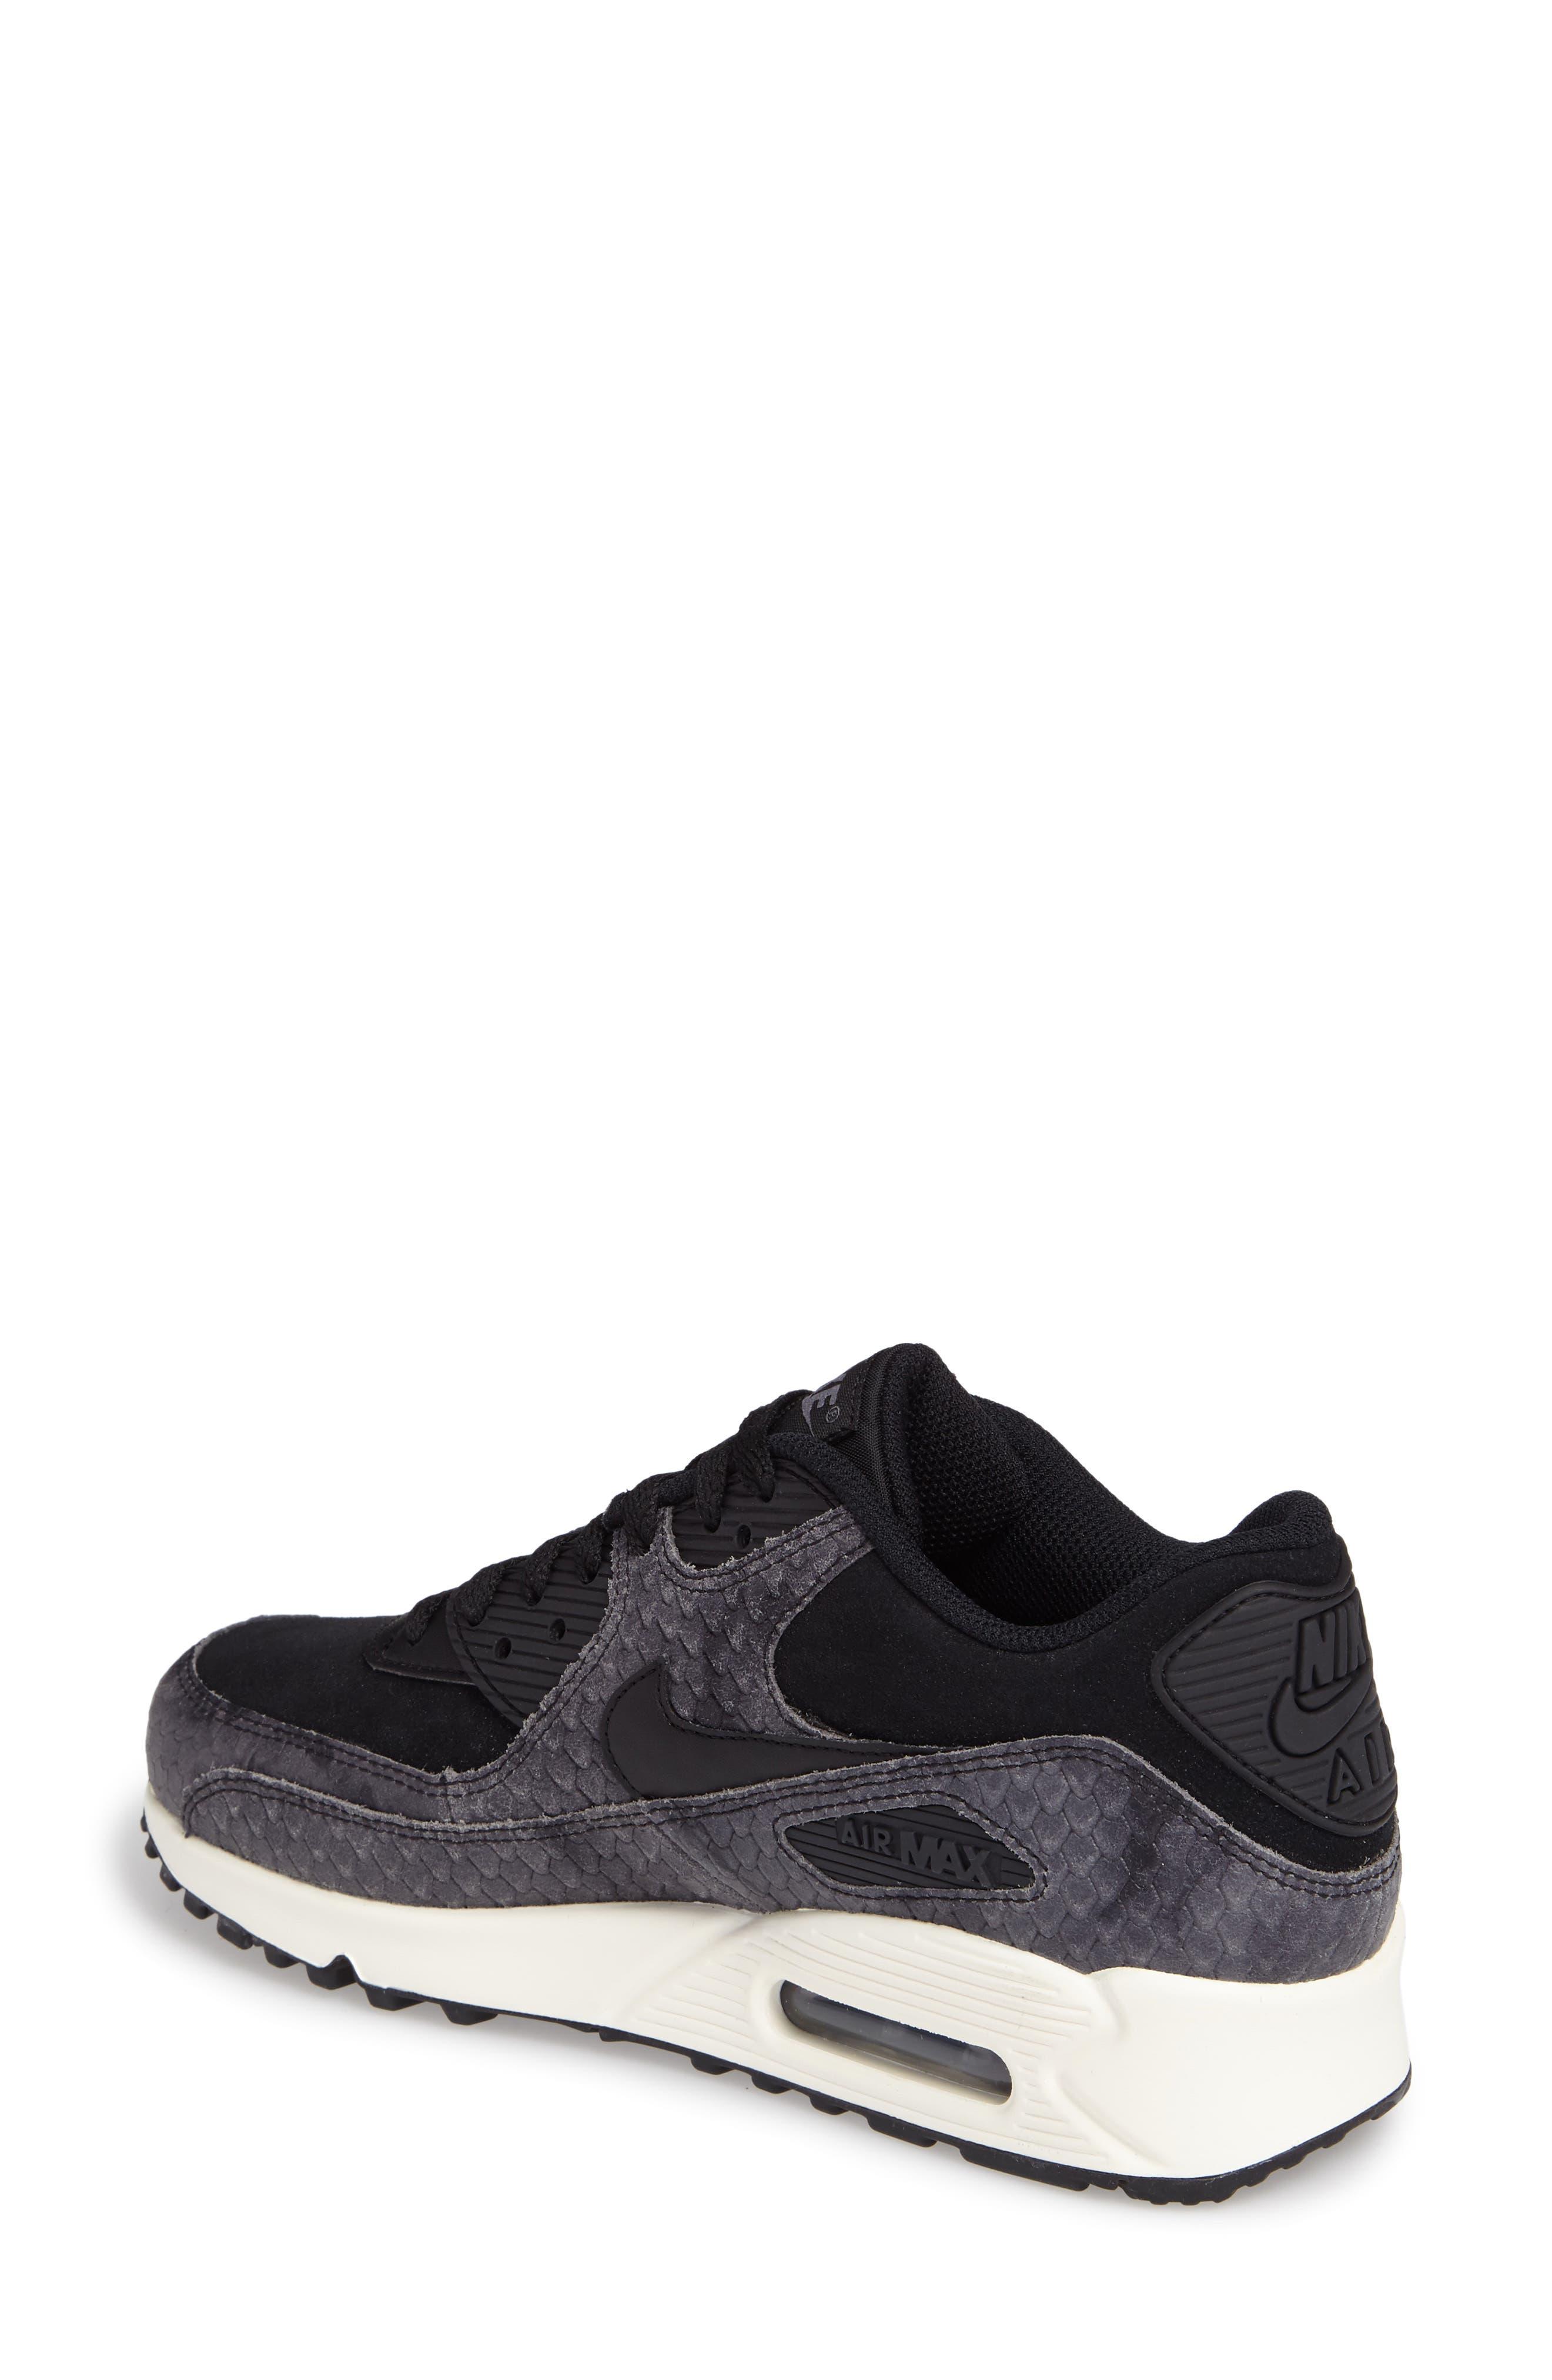 Air Max 90 Embossed Premium Sneaker,                             Alternate thumbnail 2, color,                             005